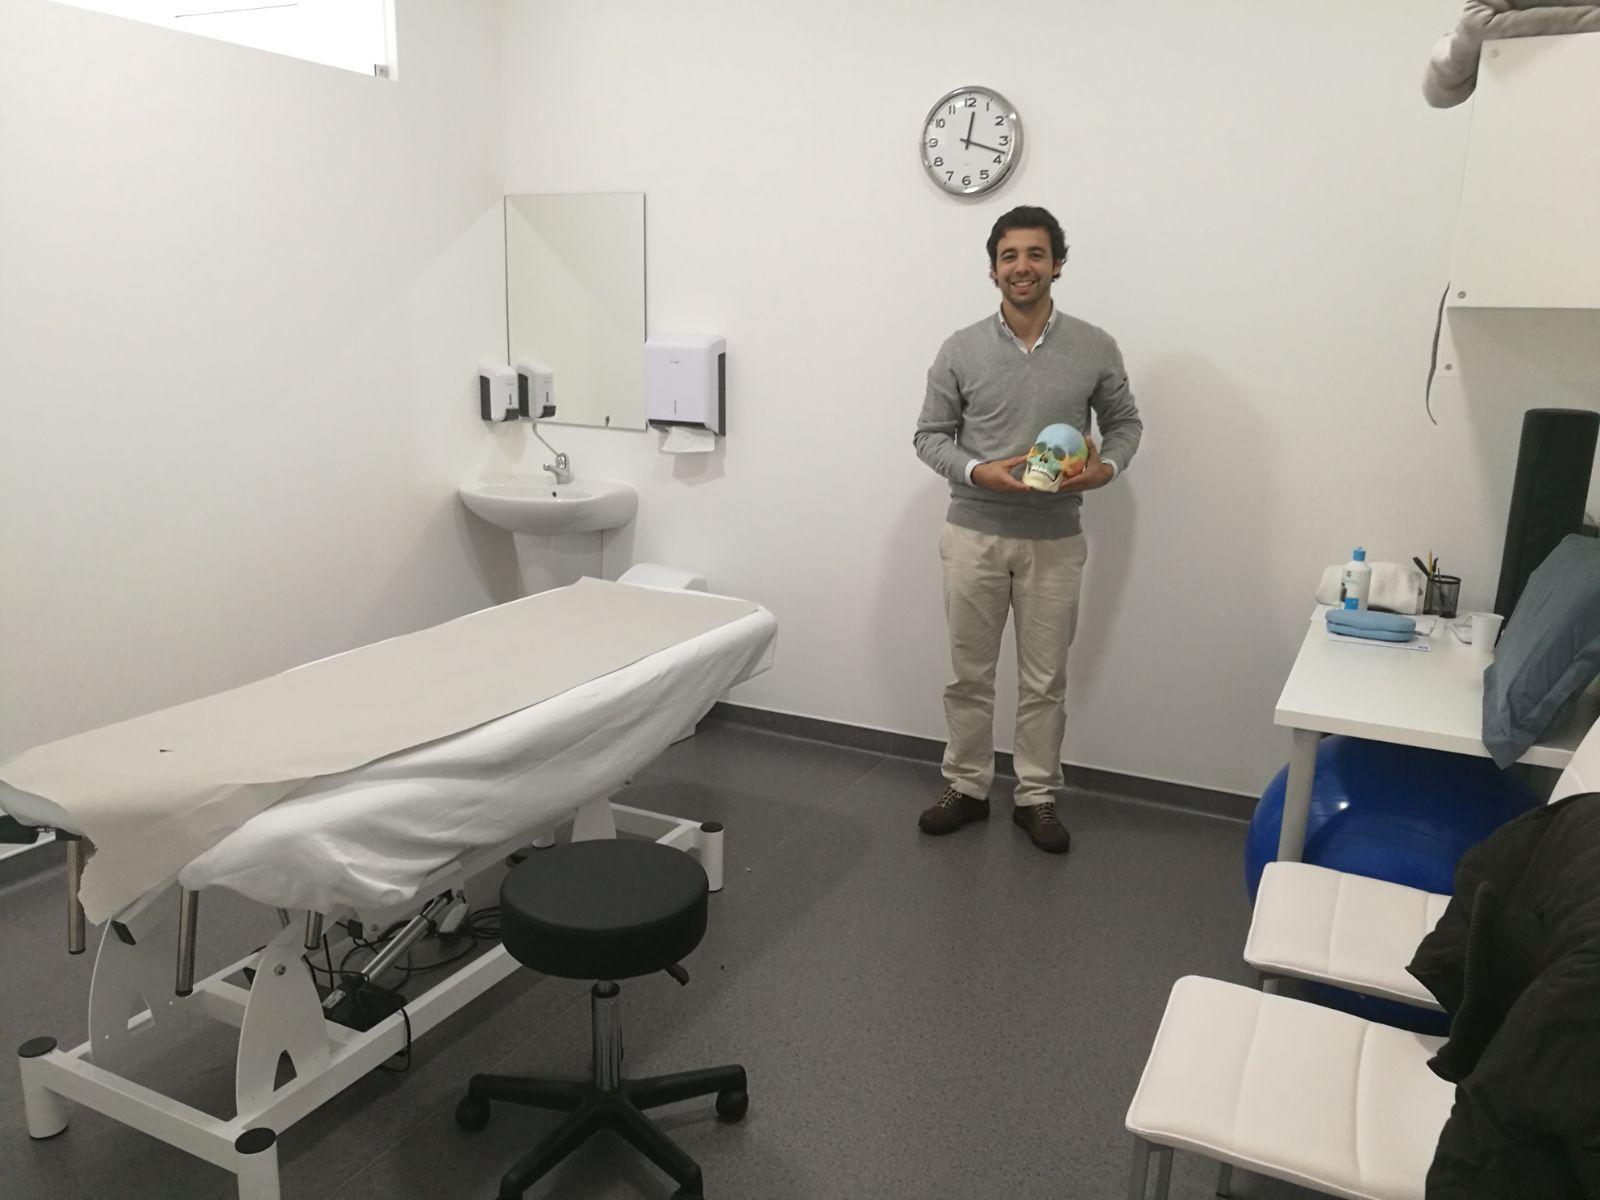 Dr. Jorge Oliveira